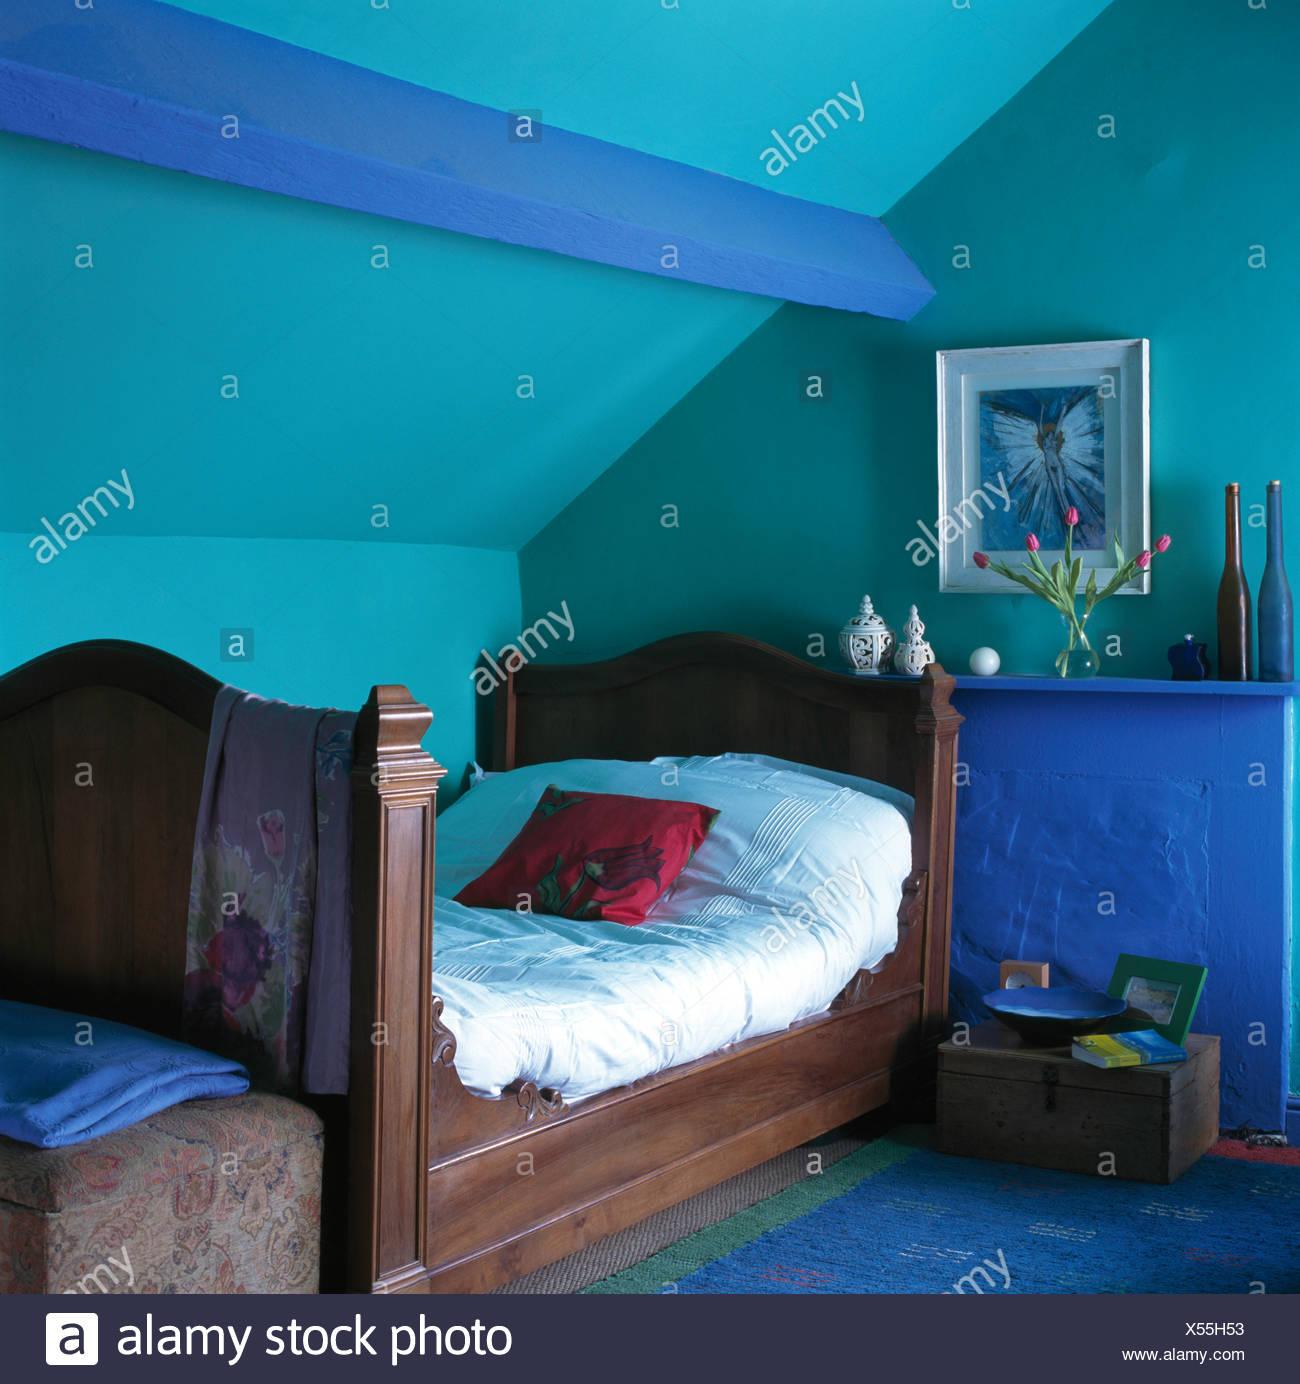 Antikes Holzbett In Turkis Dachgeschoss Schlafzimmer Mit Hellen Blau